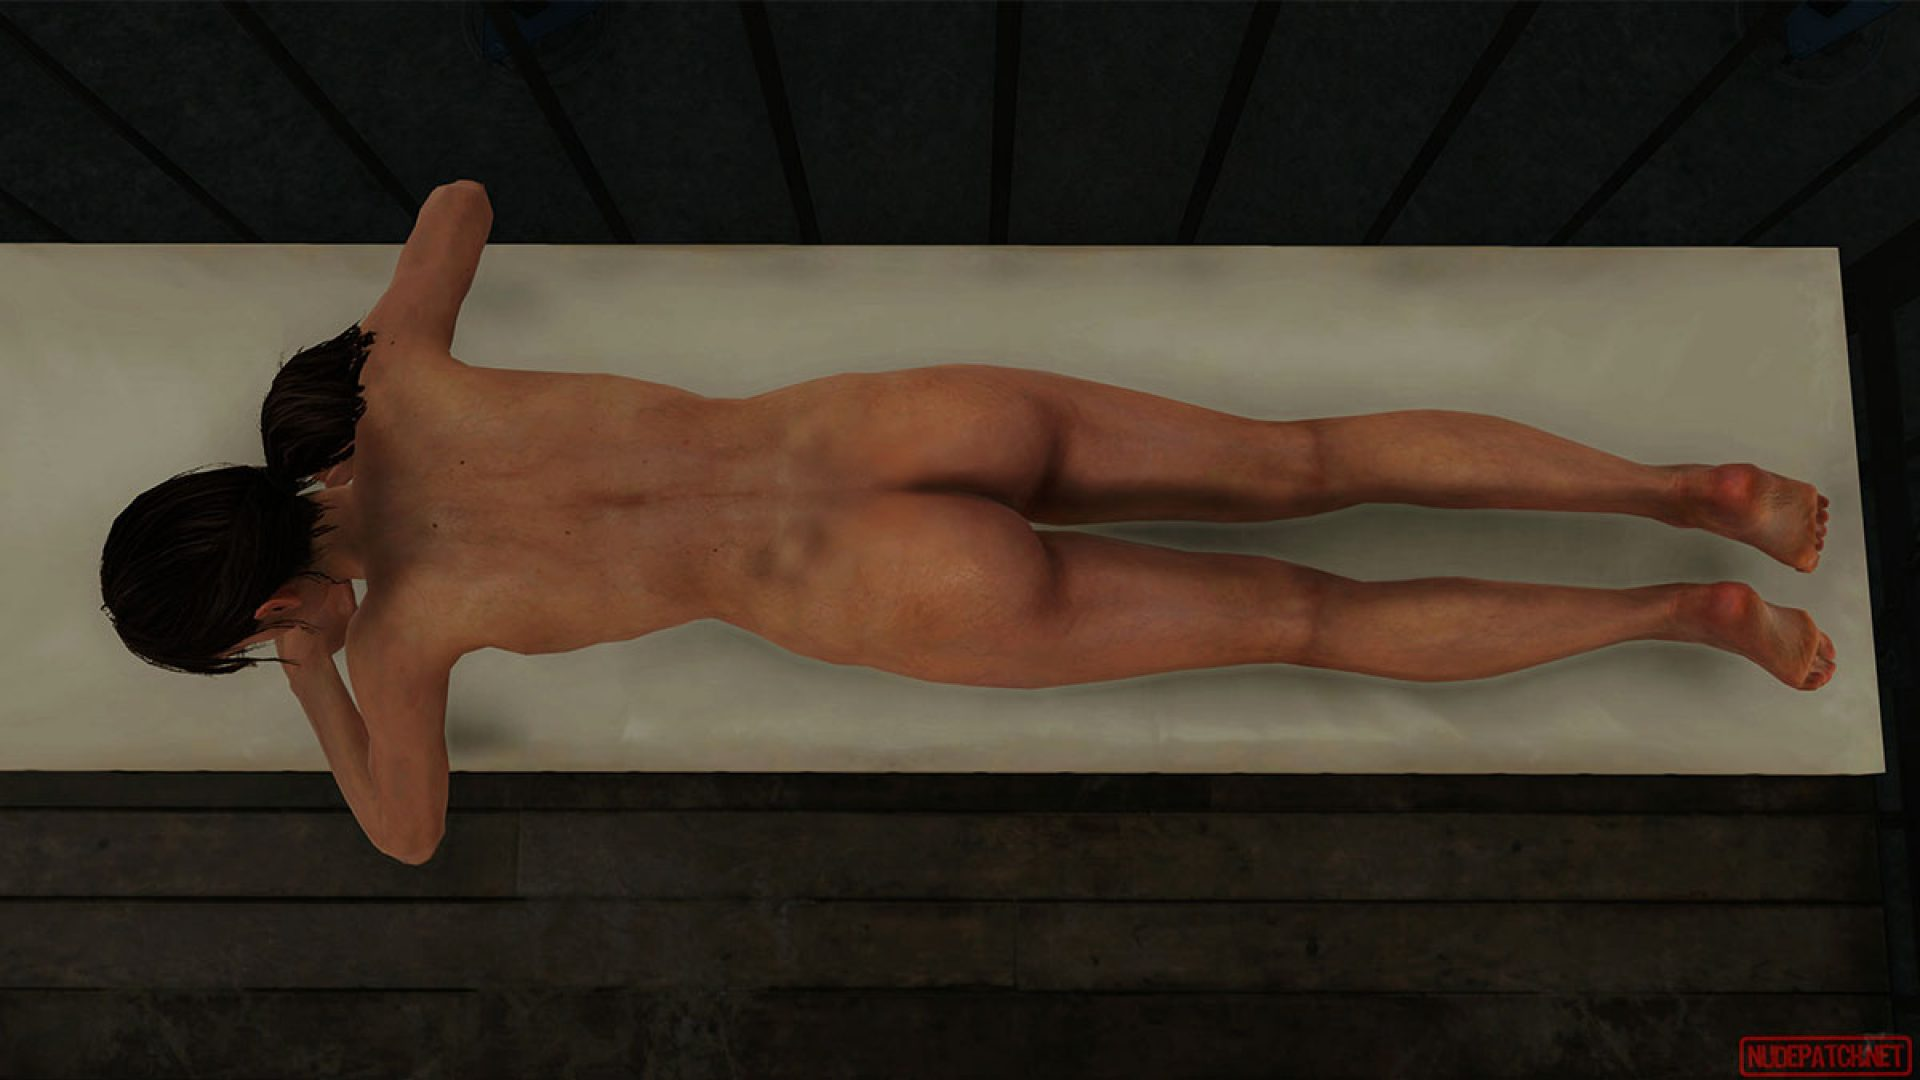 V naked